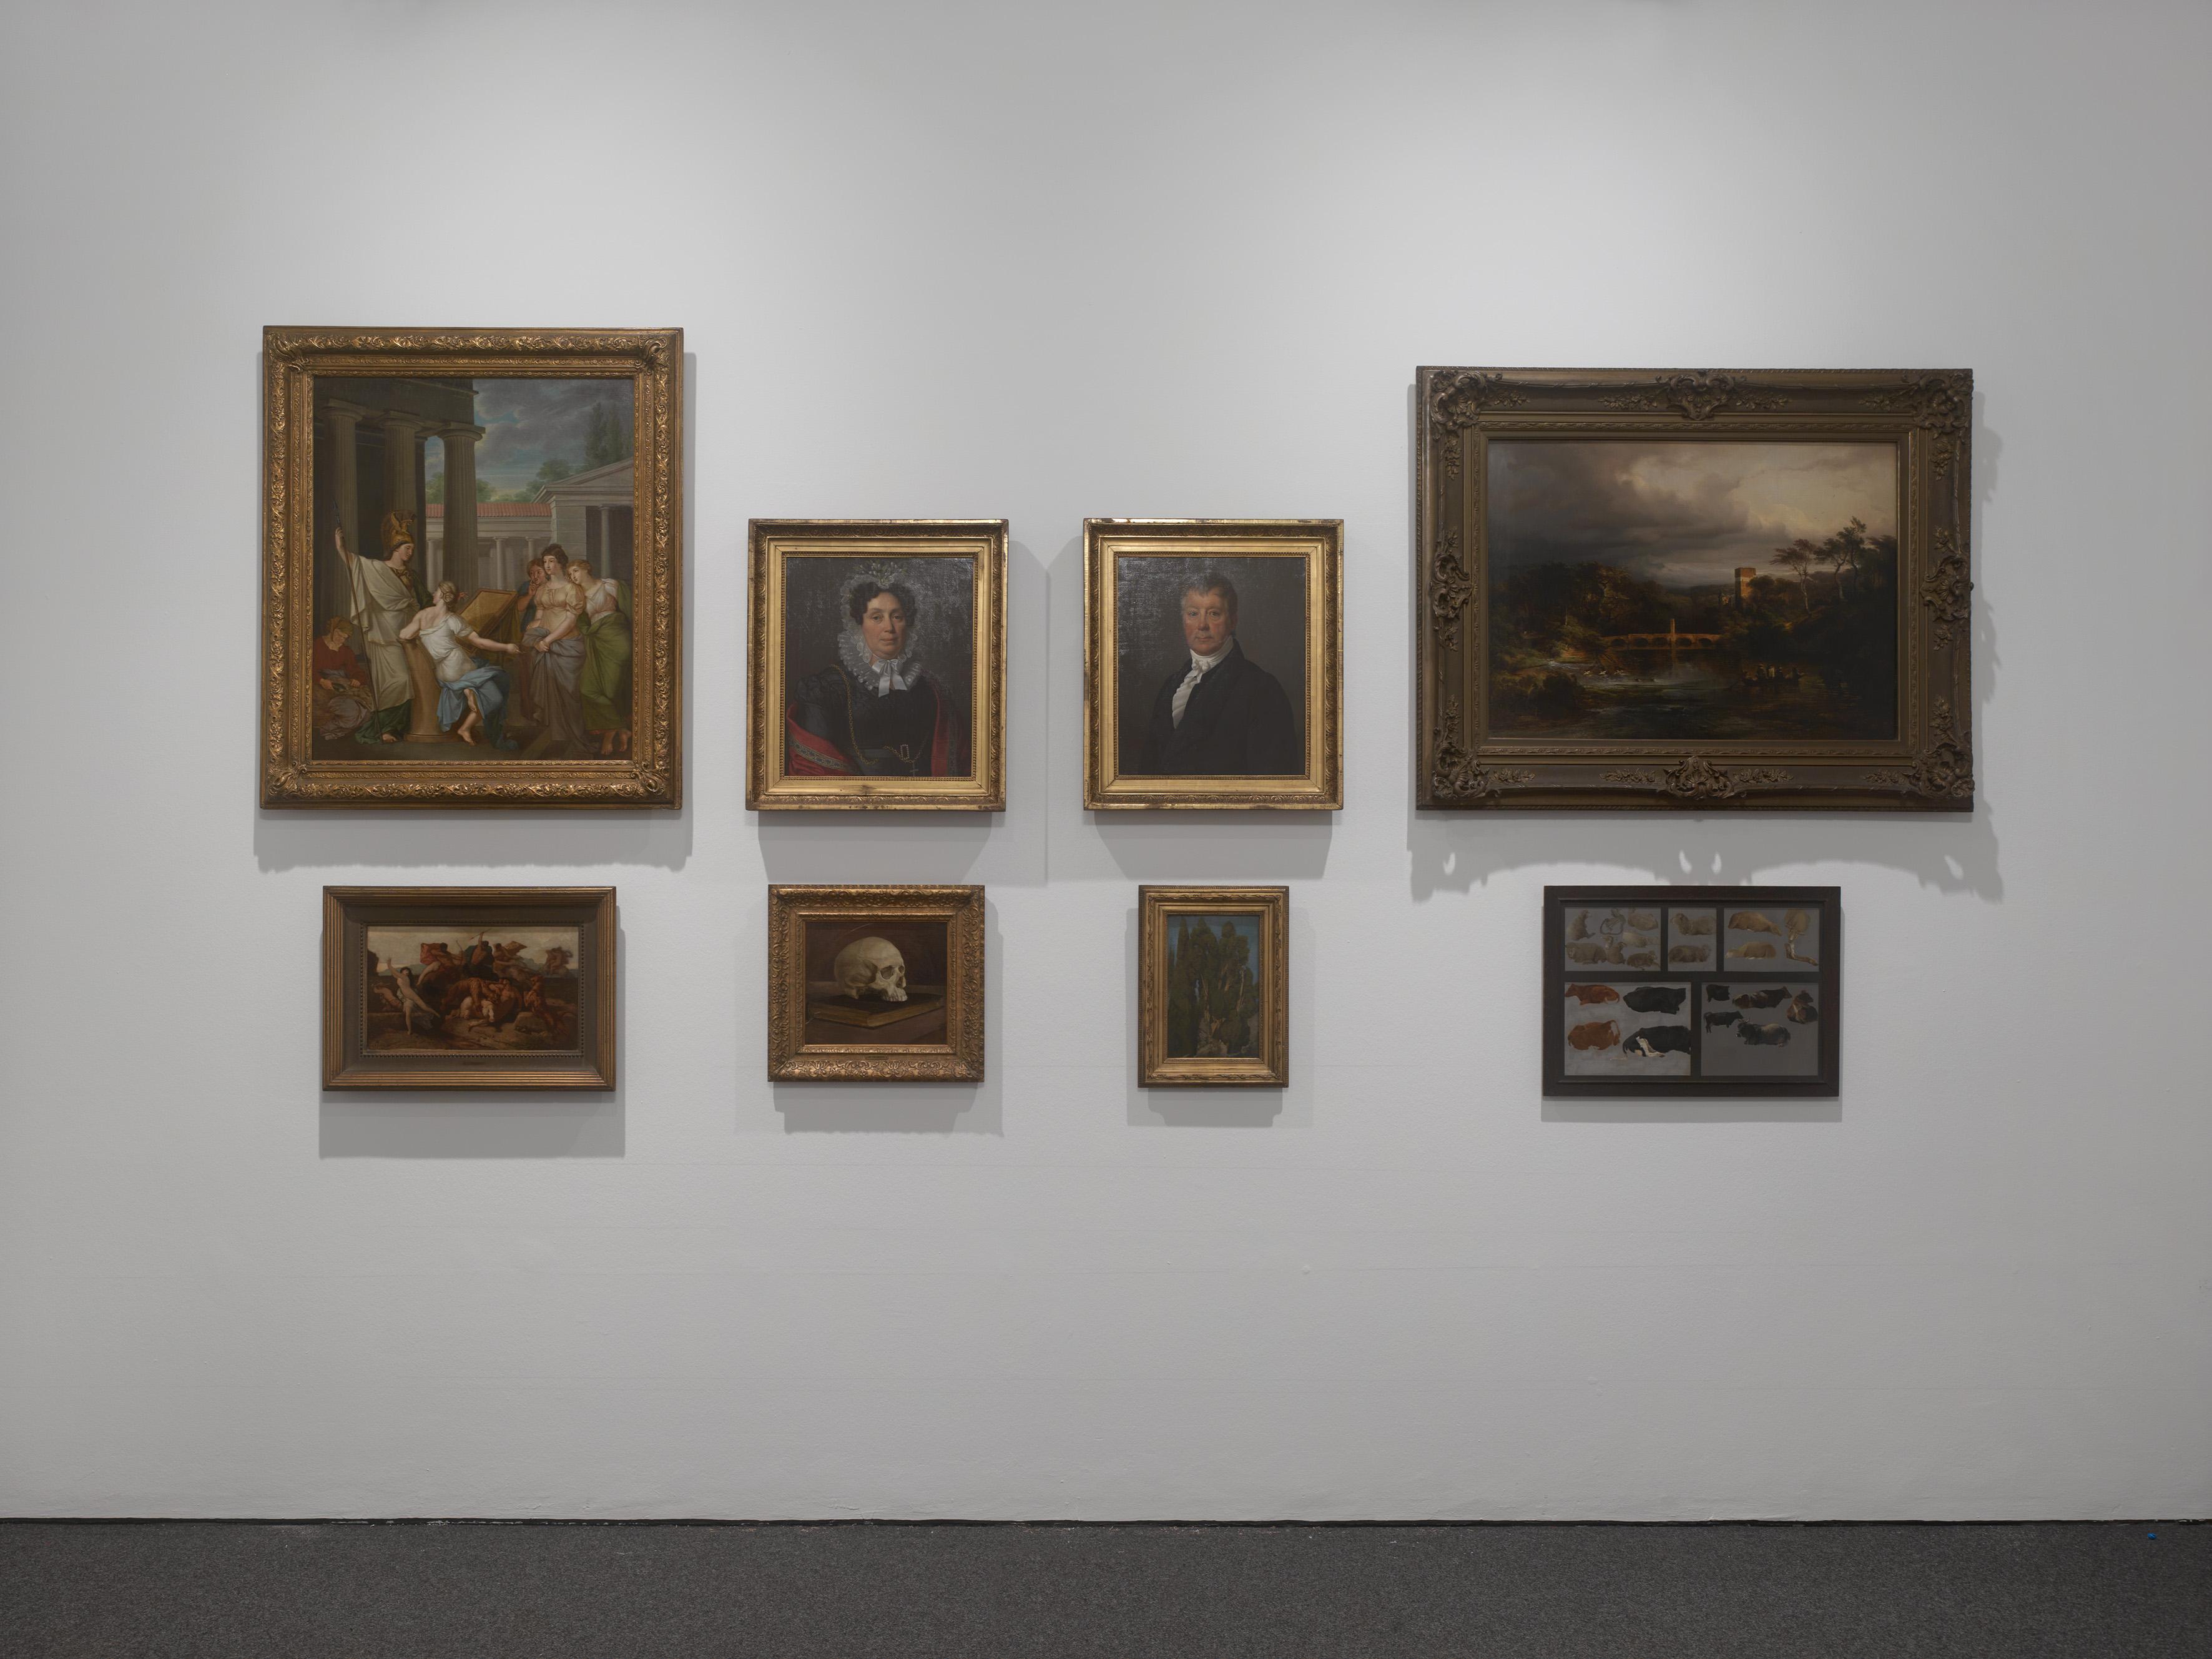 Fig. 2: Installation view Marcel Broodthaers: Eine Retrospektive, 2017, K21, Kunstsammlung Nordrhein-Westfalen, Düsseldorf.